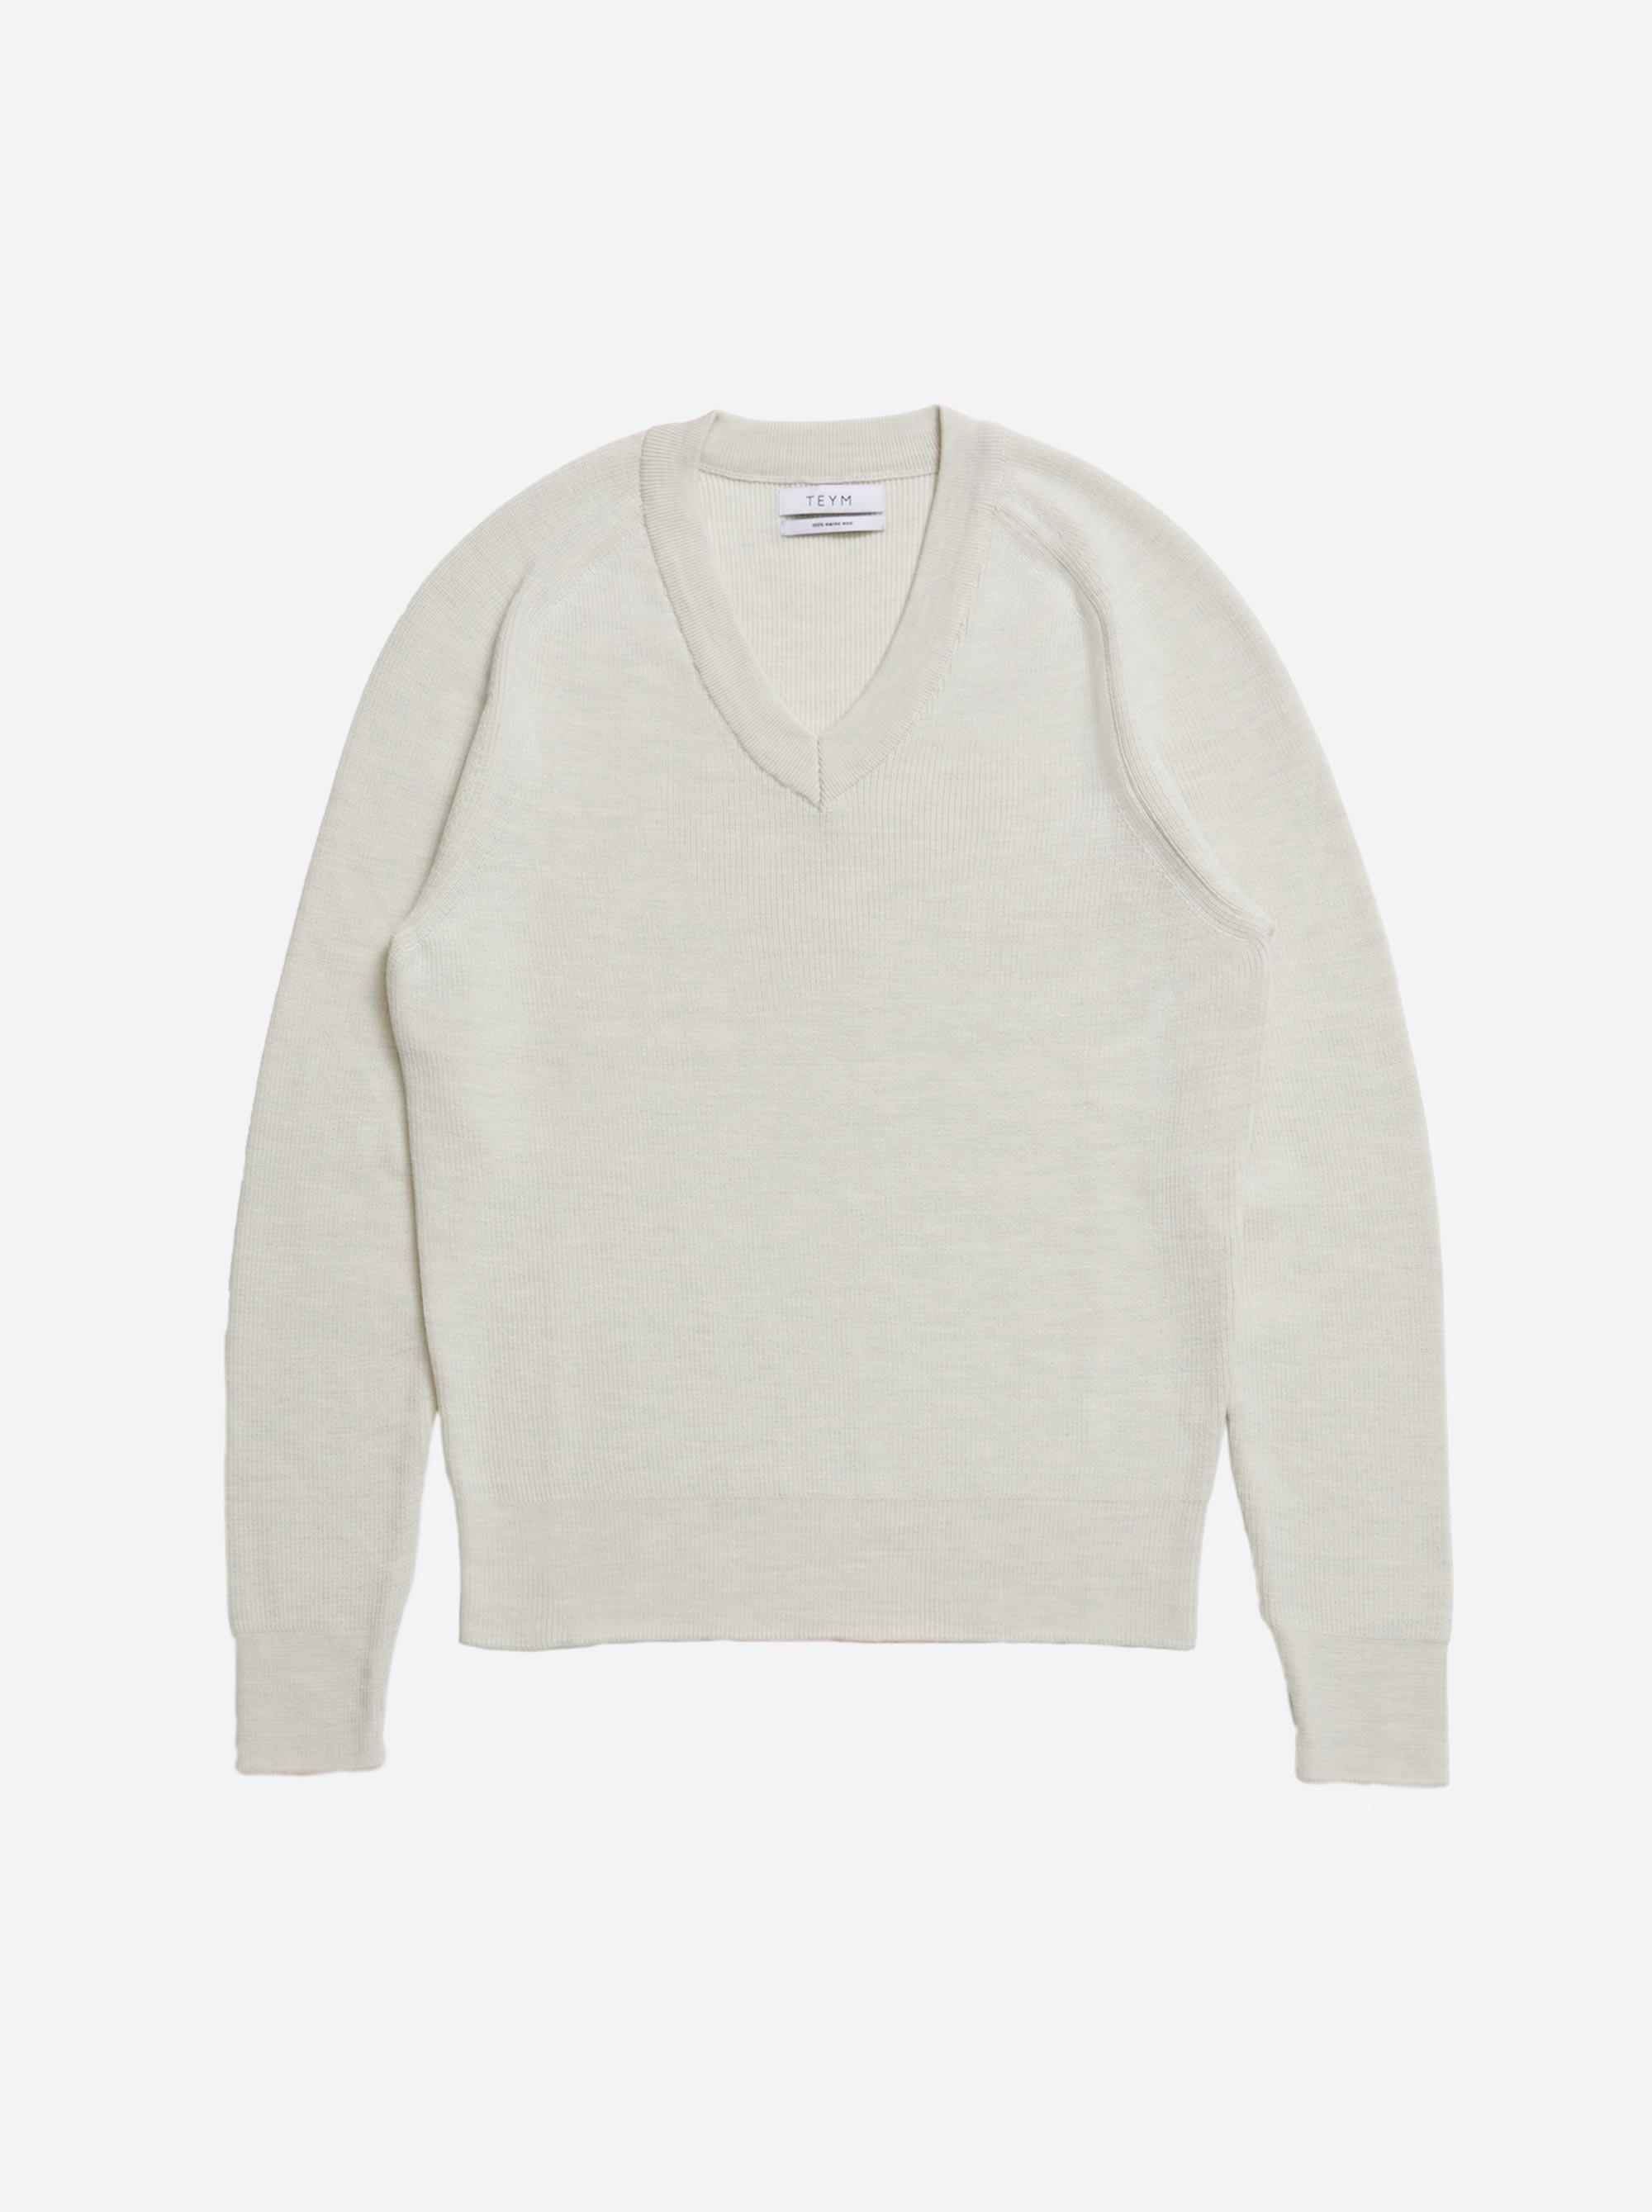 Teym - V-Neck - The Merino Sweater - Men - White - 4